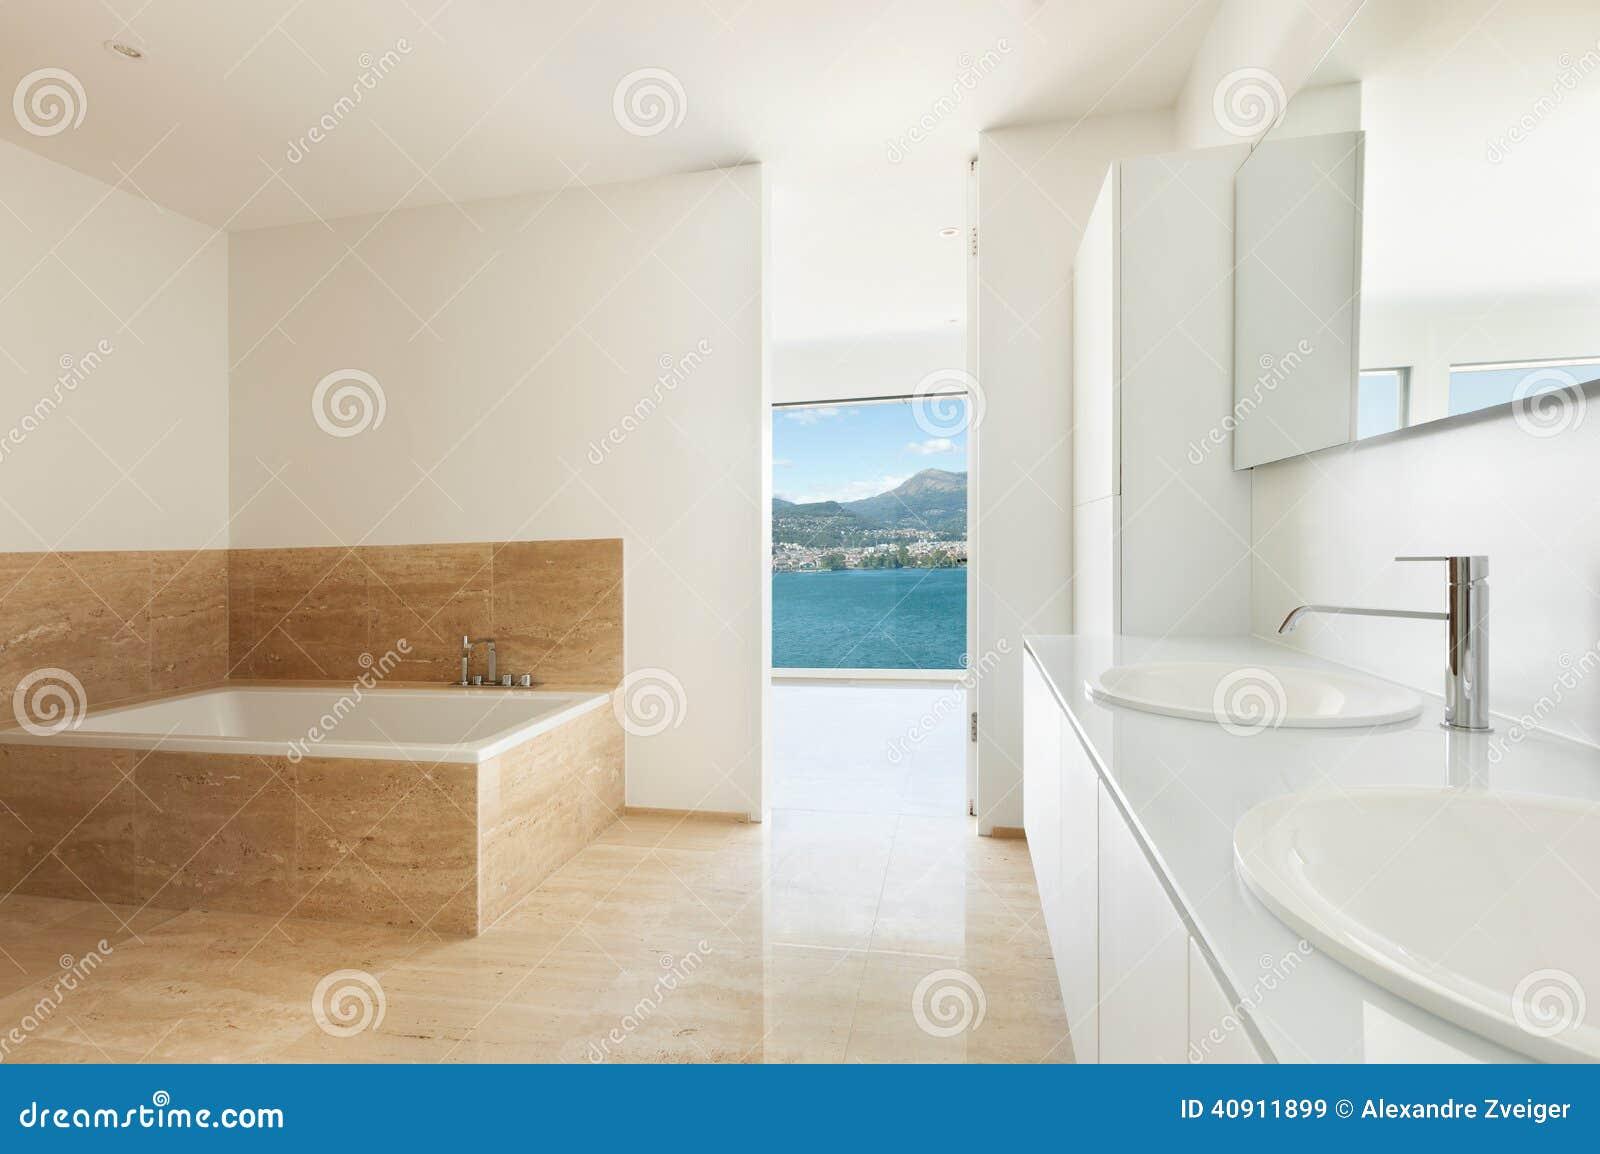 Cuarto de ba o piso de m rmol foto de archivo imagen for Pisos de marmol para bano